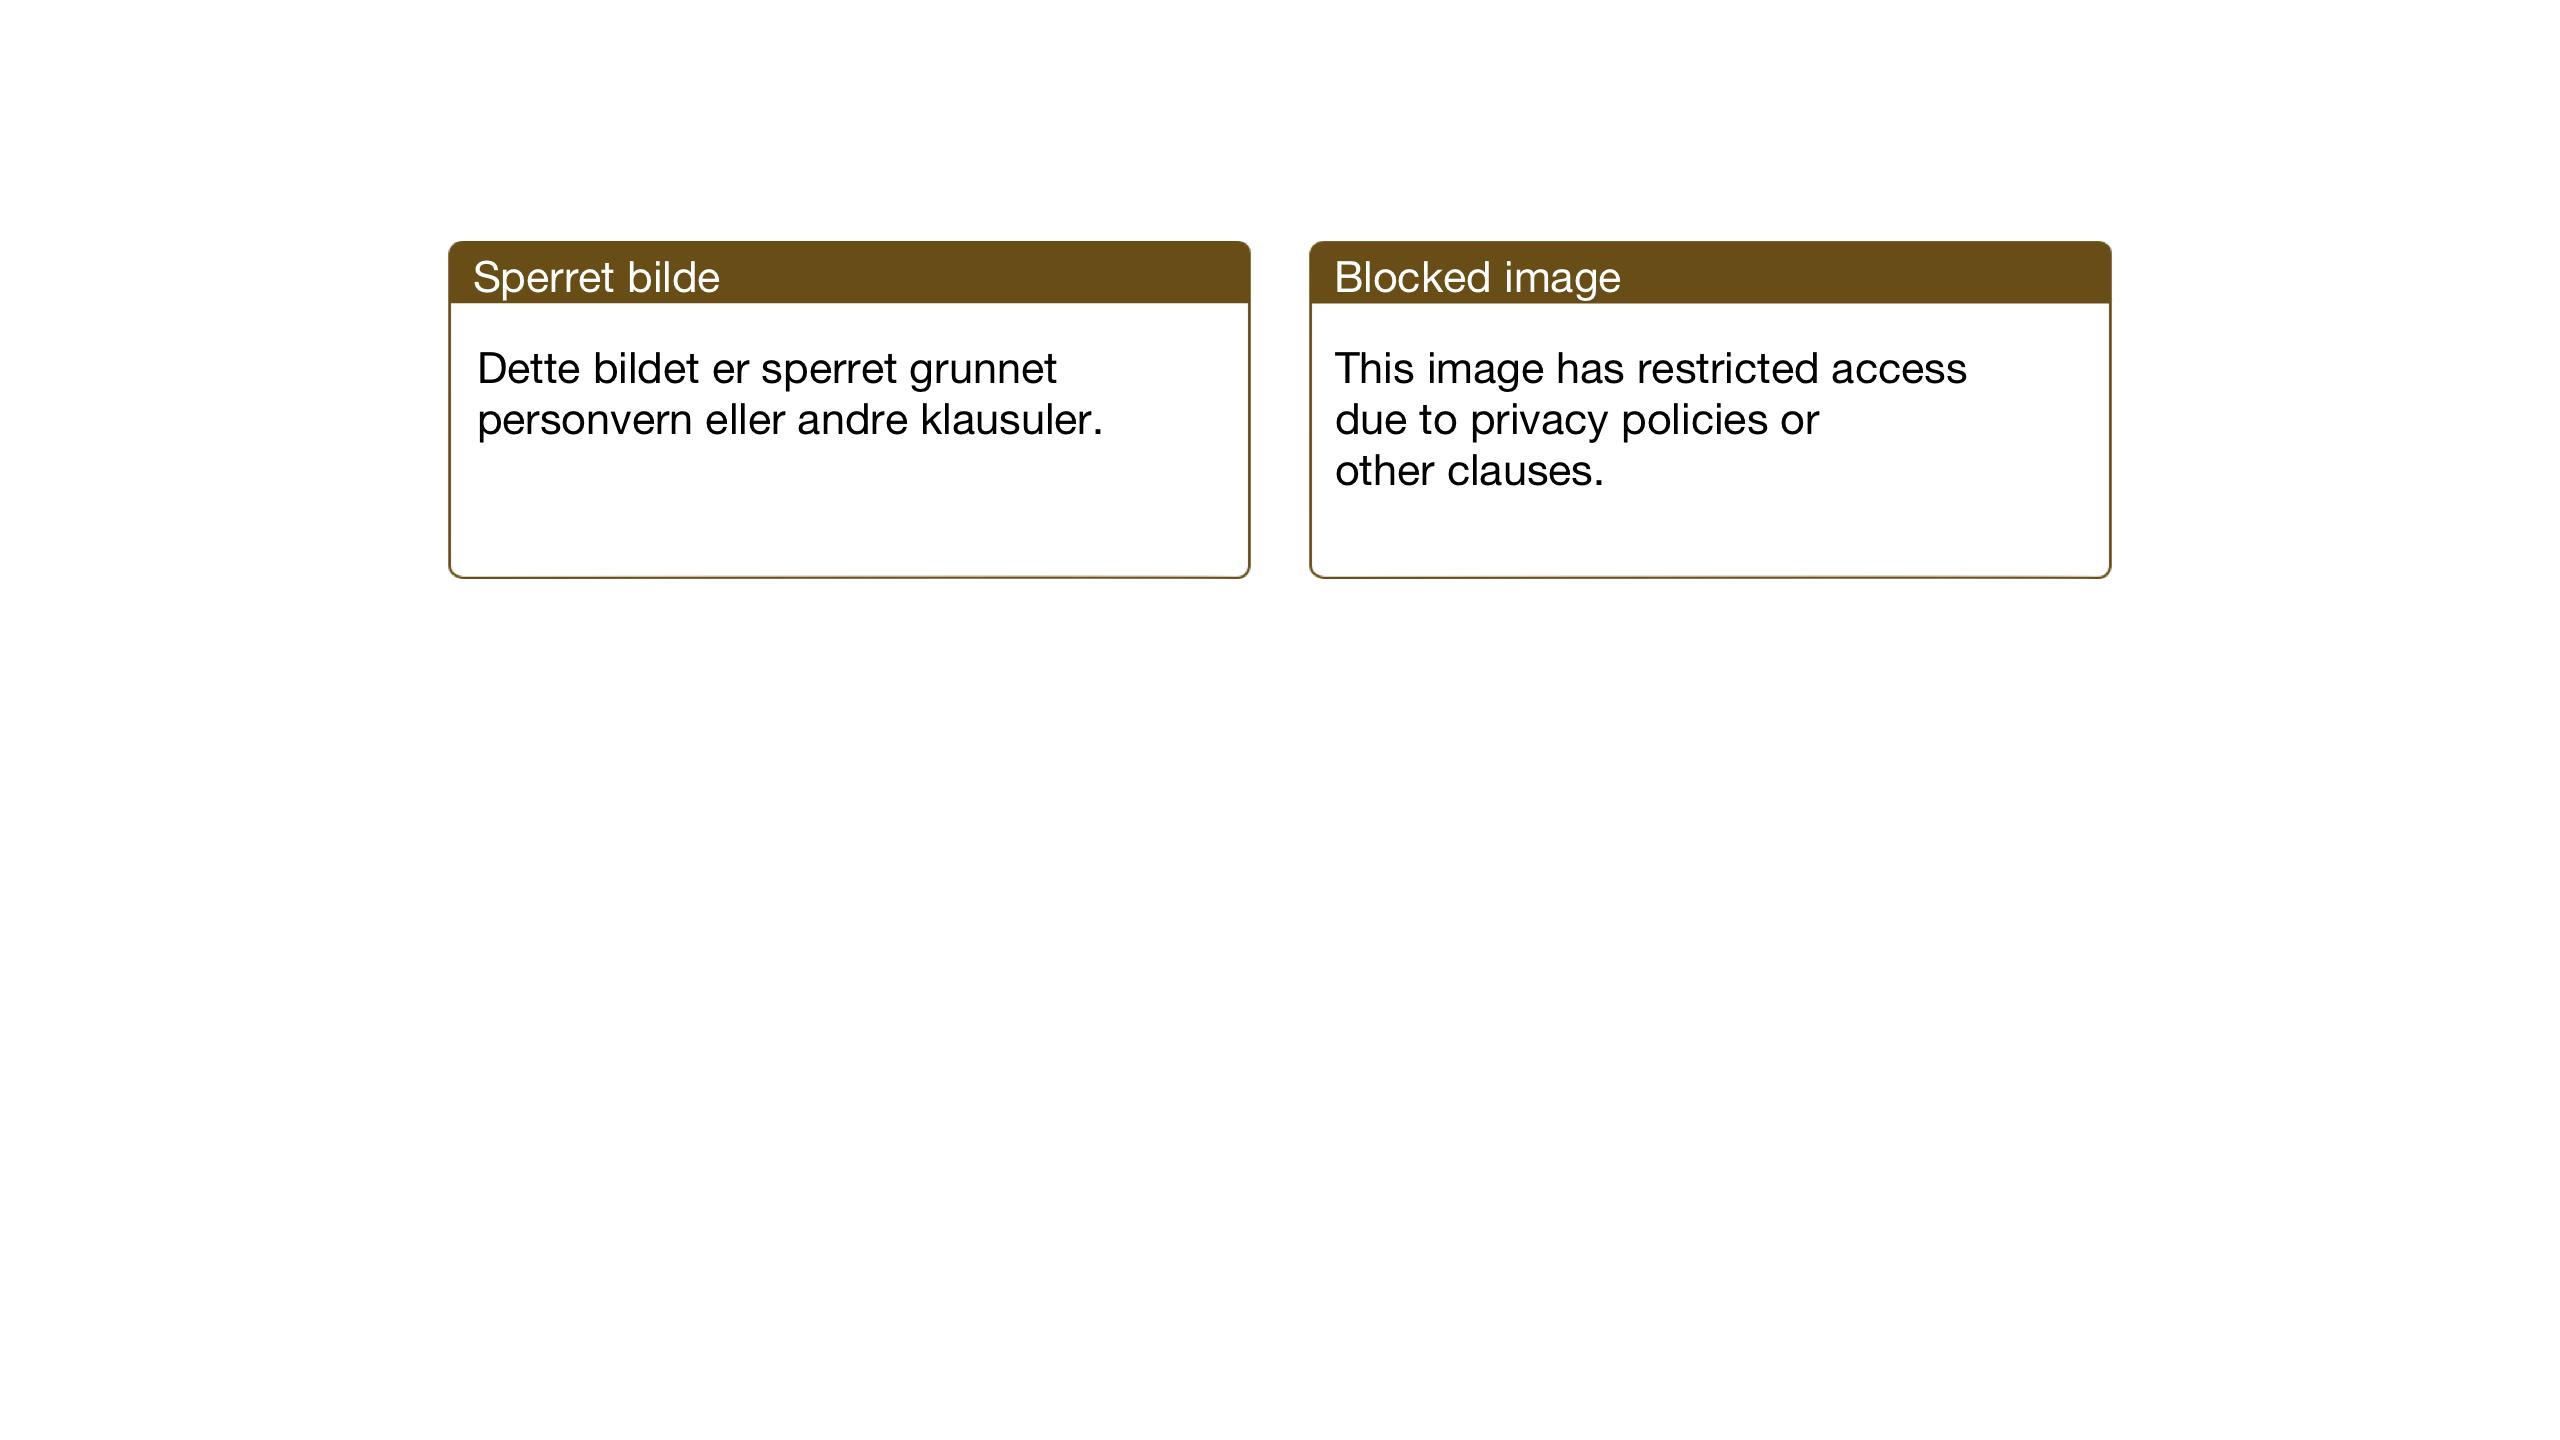 SAT, Ministerialprotokoller, klokkerbøker og fødselsregistre - Sør-Trøndelag, 638/L0569: Klokkerbok nr. 638C01, 1923-1961, s. 225